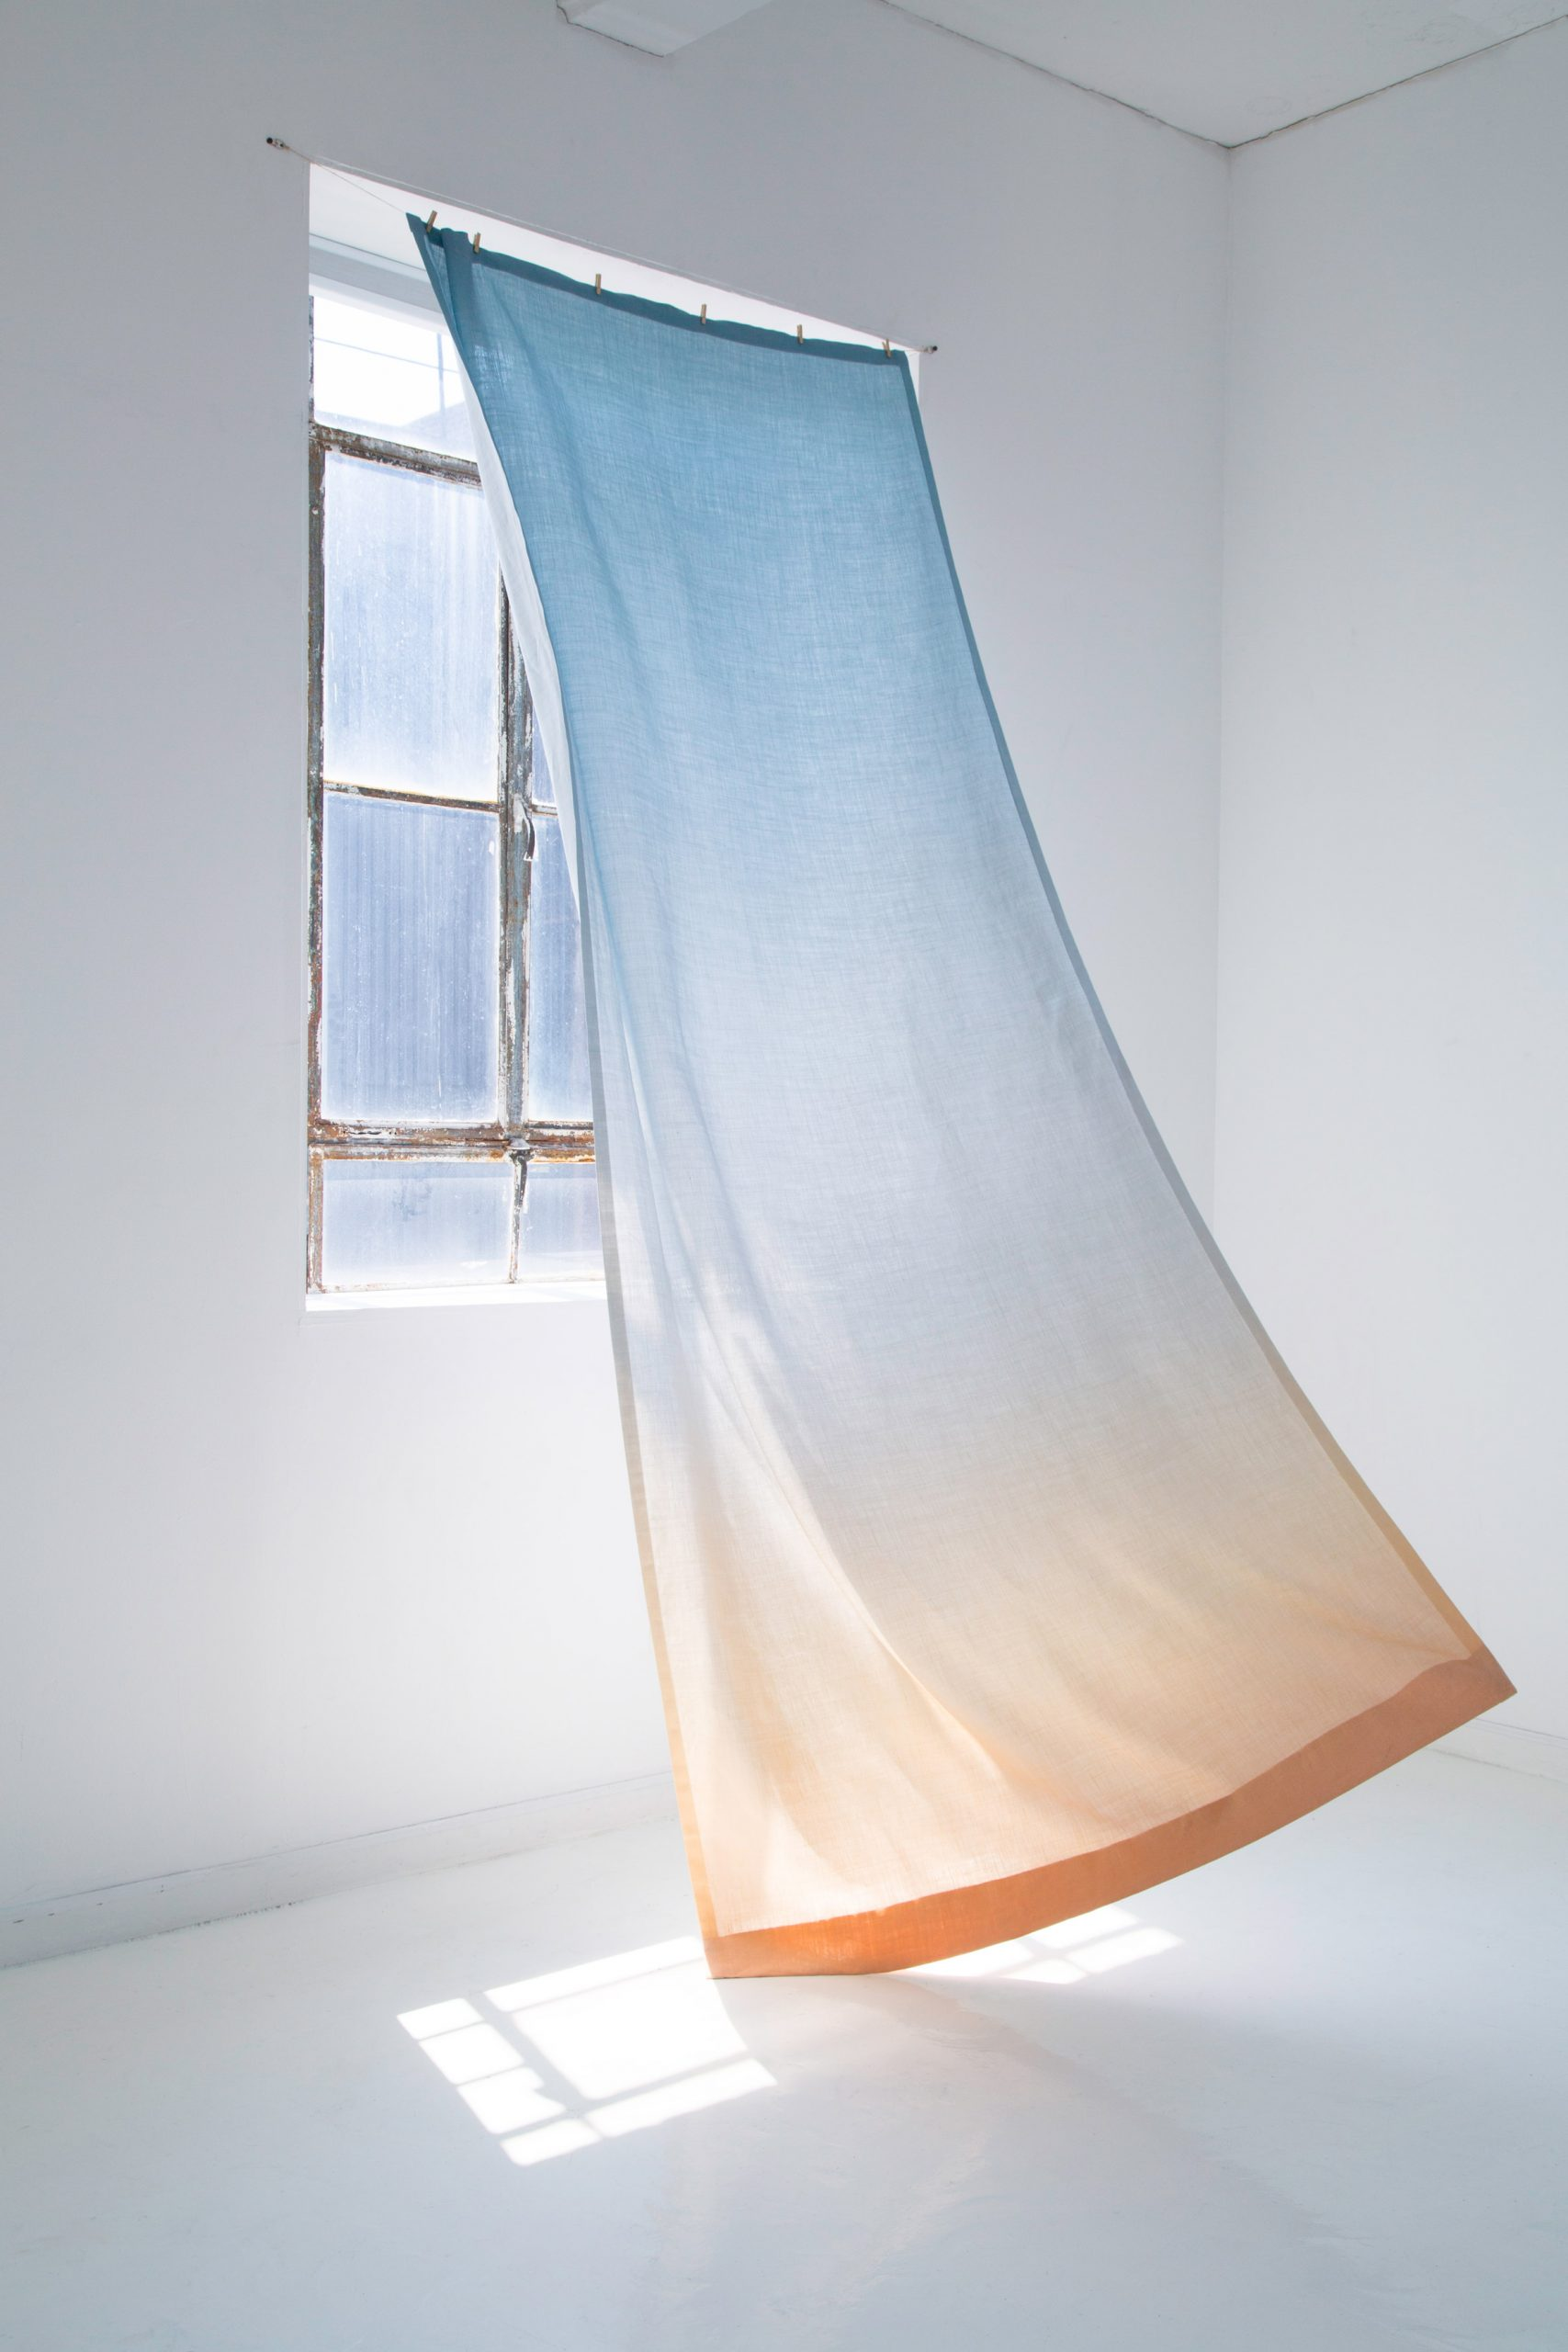 Rèm vải cửa sổ 5